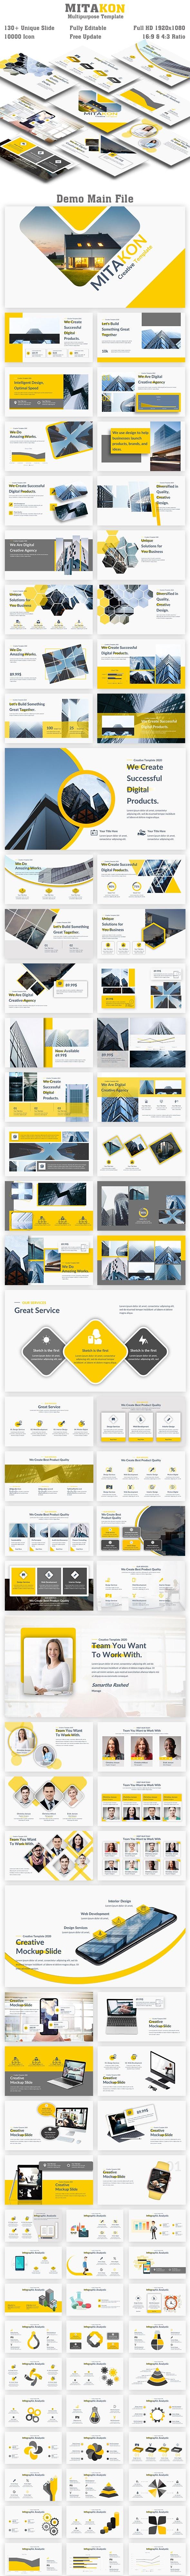 Mitakon Multipurose PowerPoint Template - Creative PowerPoint Templates